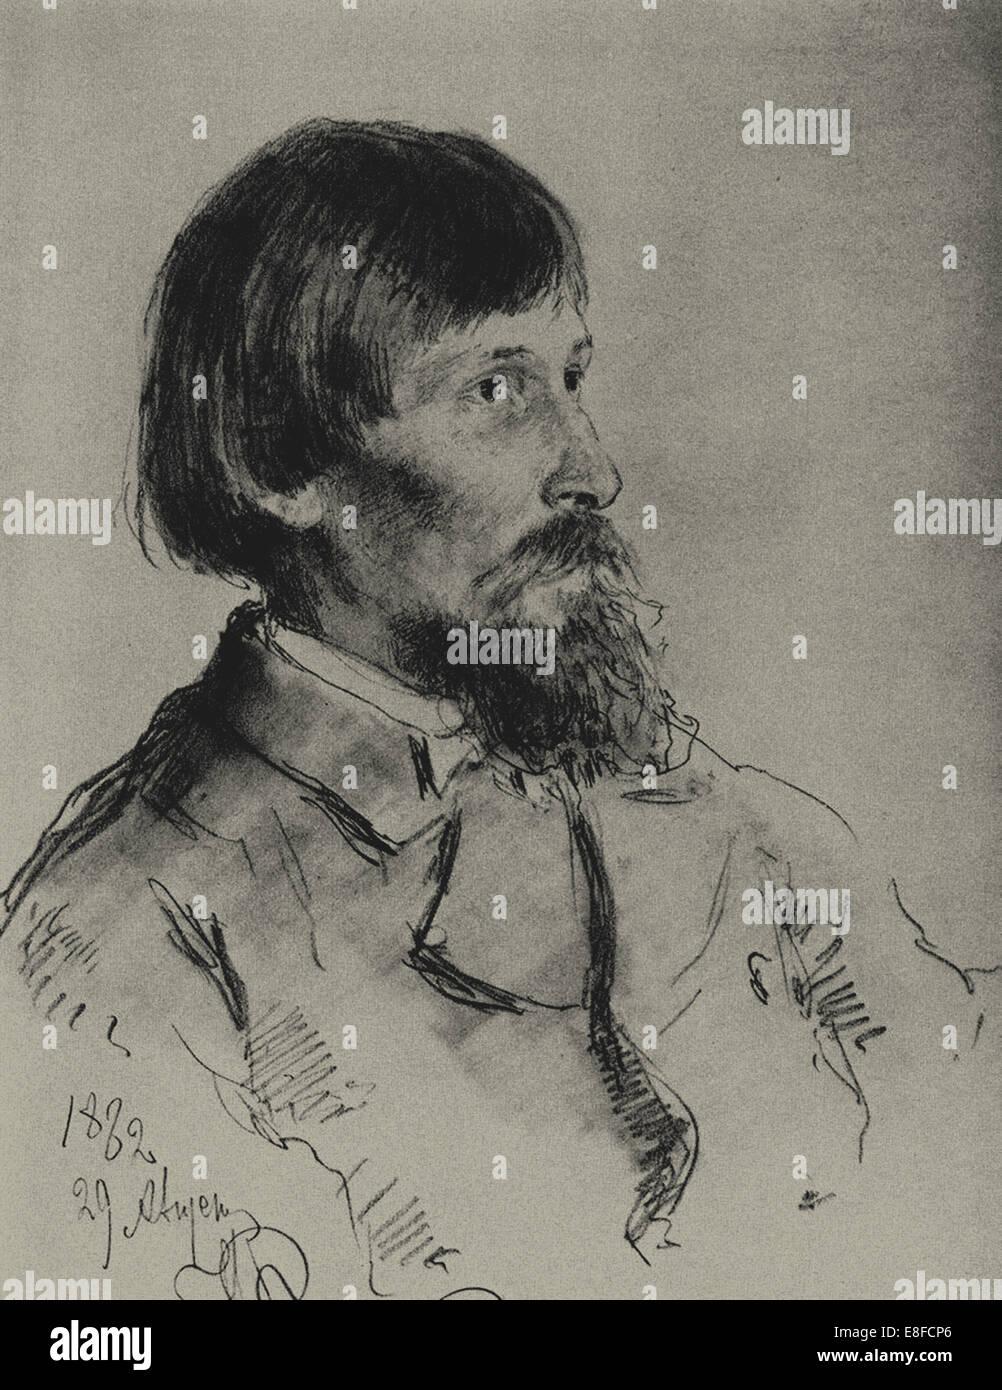 Portrait of the artist Viktor Vasnetsov (1848-1926). Artist: Repin, Ilya Yefimovich (1844-1930) - Stock Image